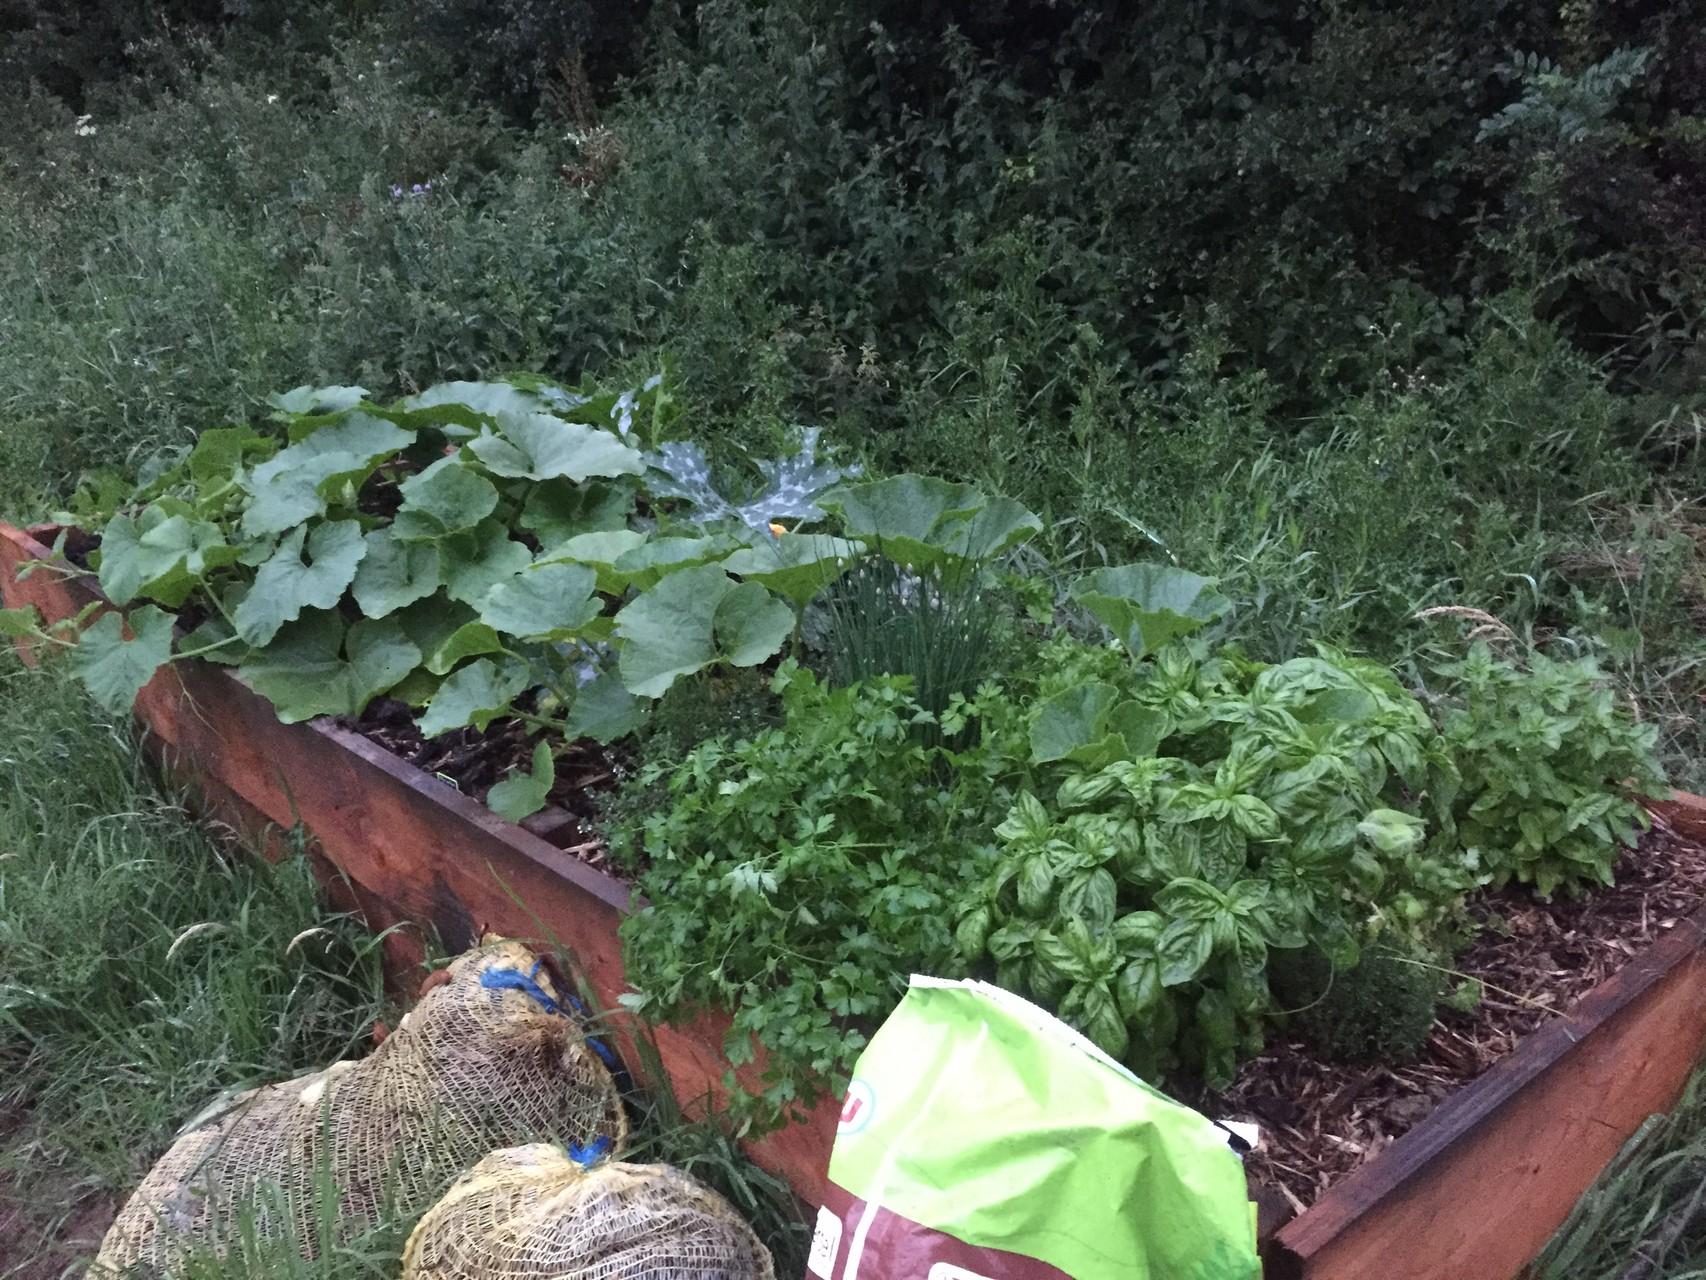 Bac en bois de 3m sur 1m avec des cucurbitacées et des plante aromatiques.